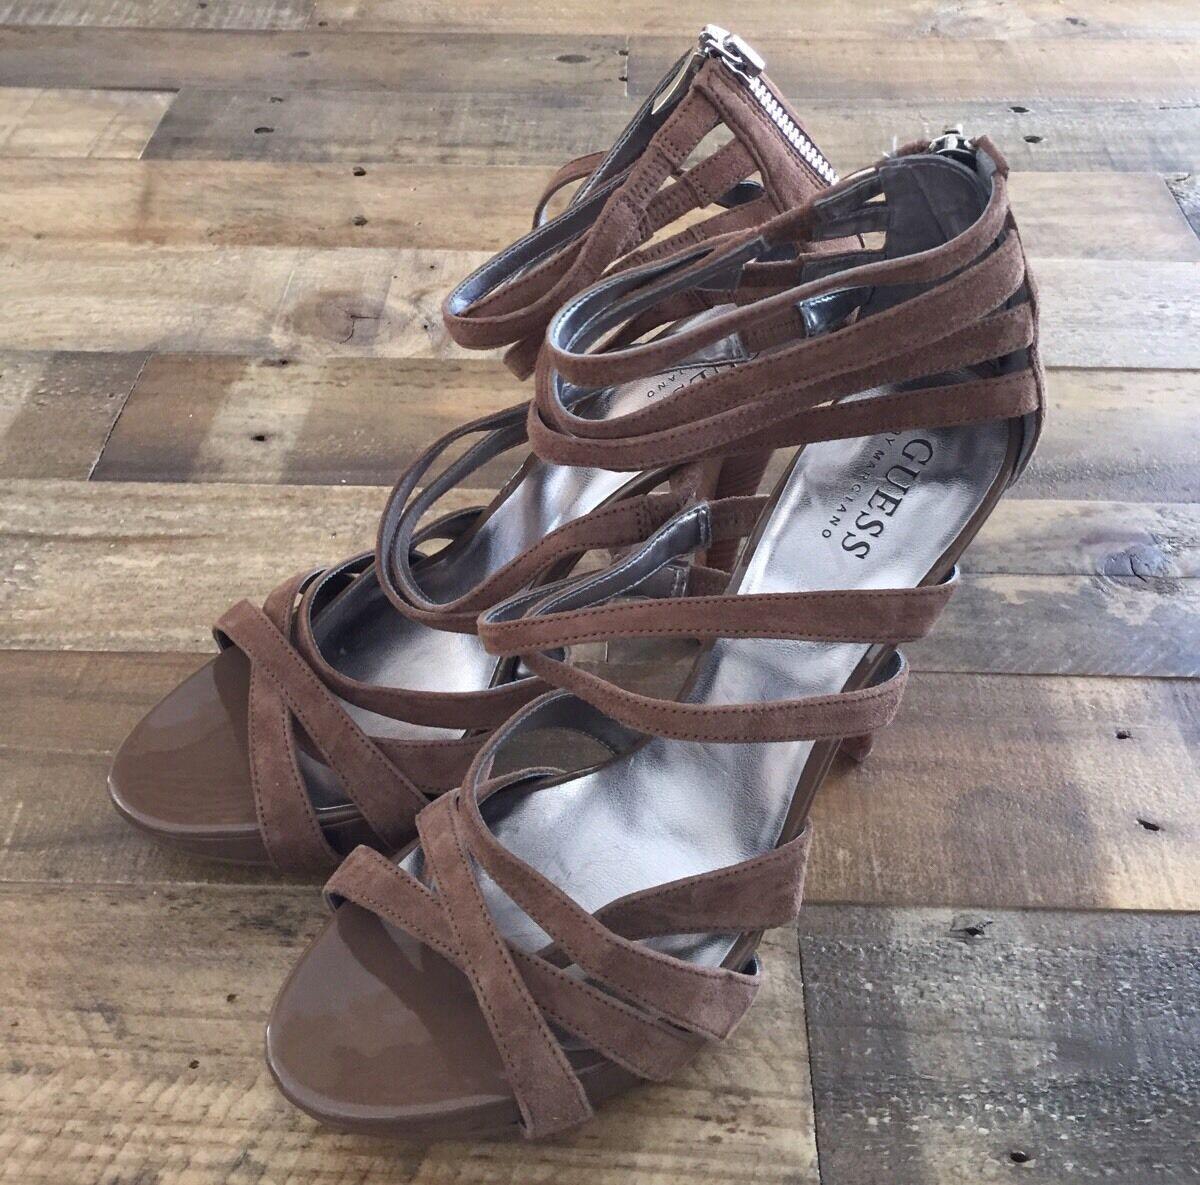 Guess By Marciano Braun Größe Leder Heel Sandales Größe Braun 9.5 e41c7f